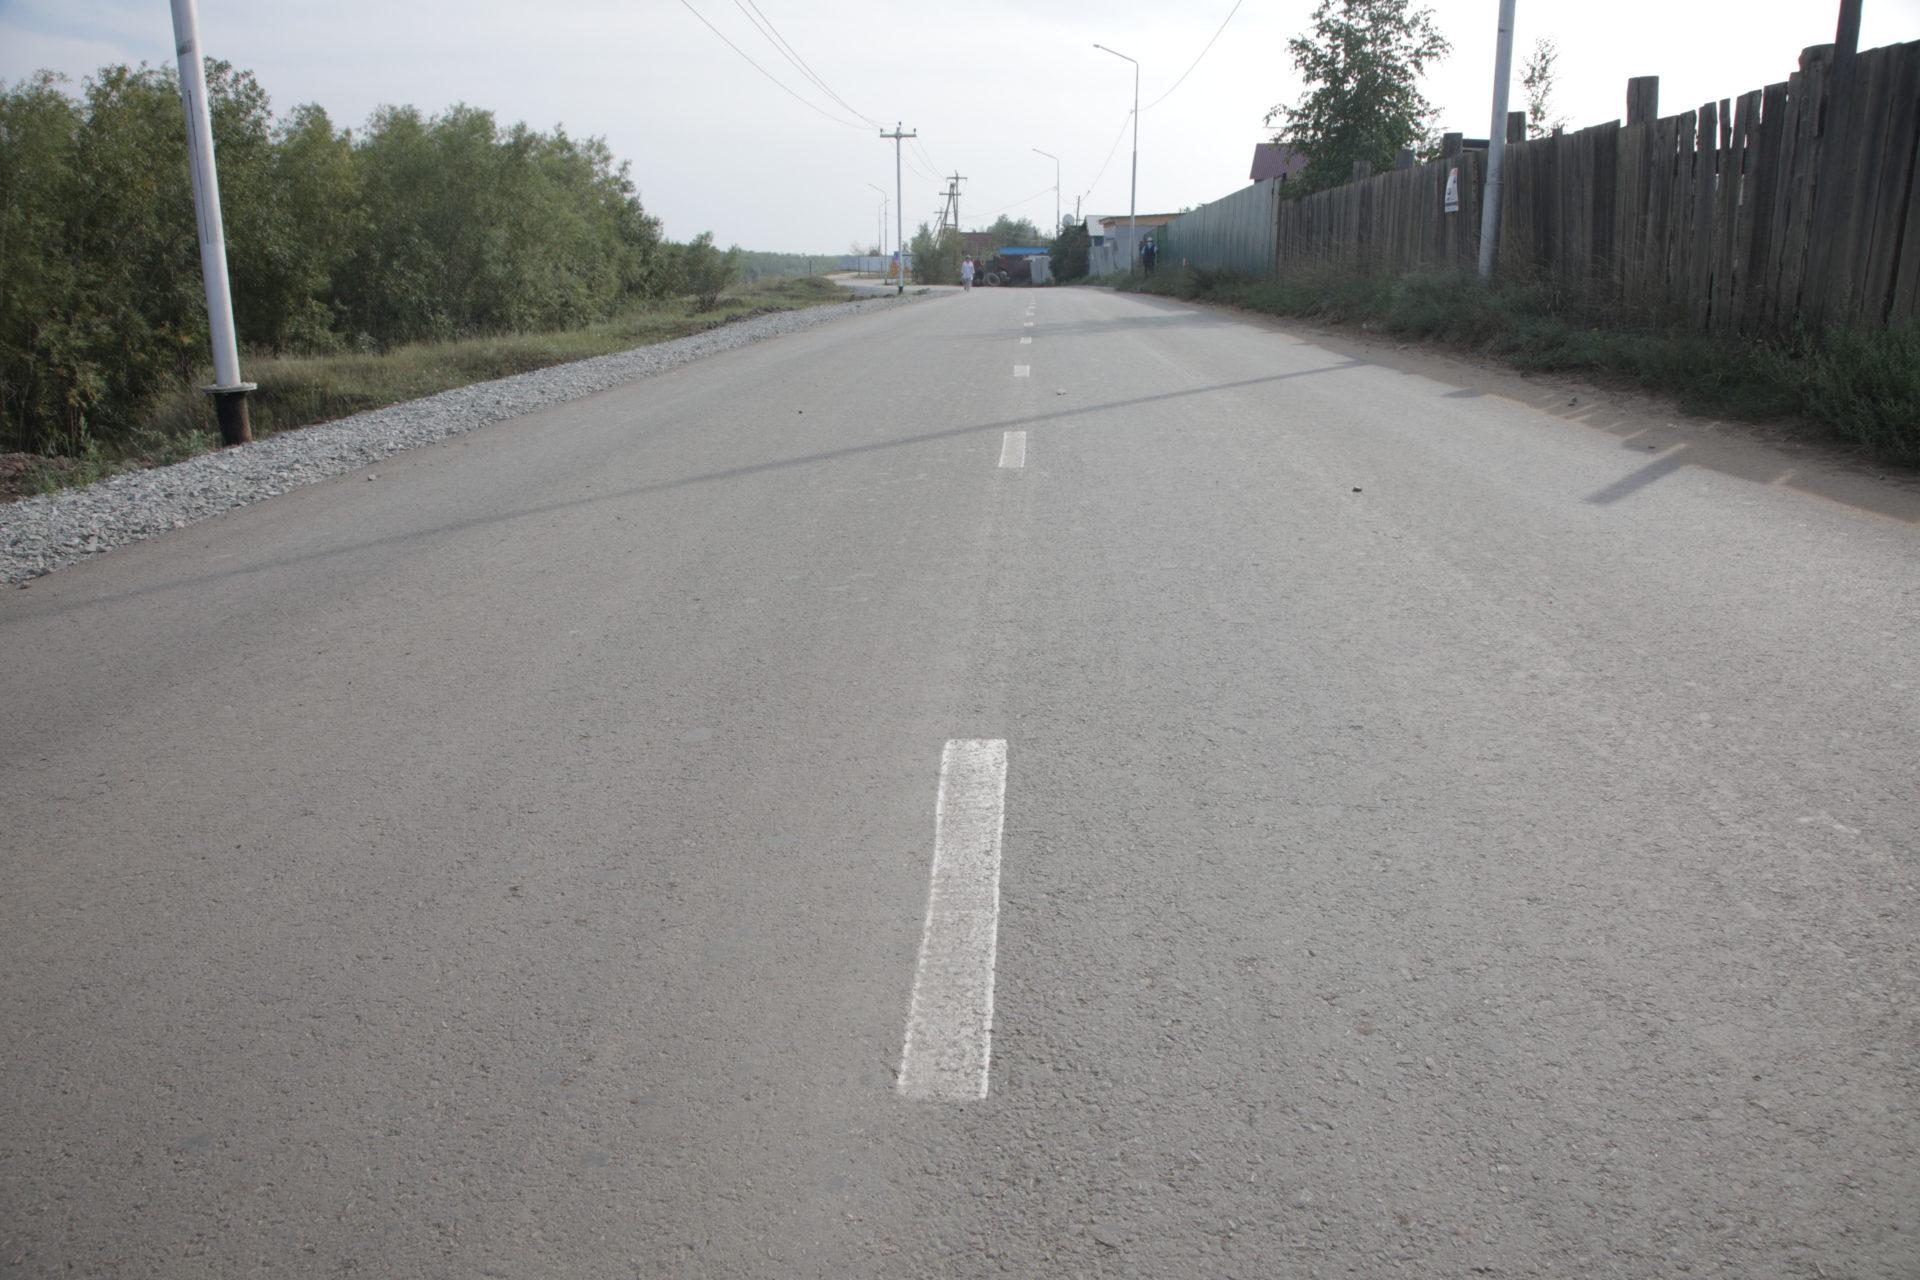 В Якутске завершается асфальтирование дорог в рамках реализации нацпроекта БКД